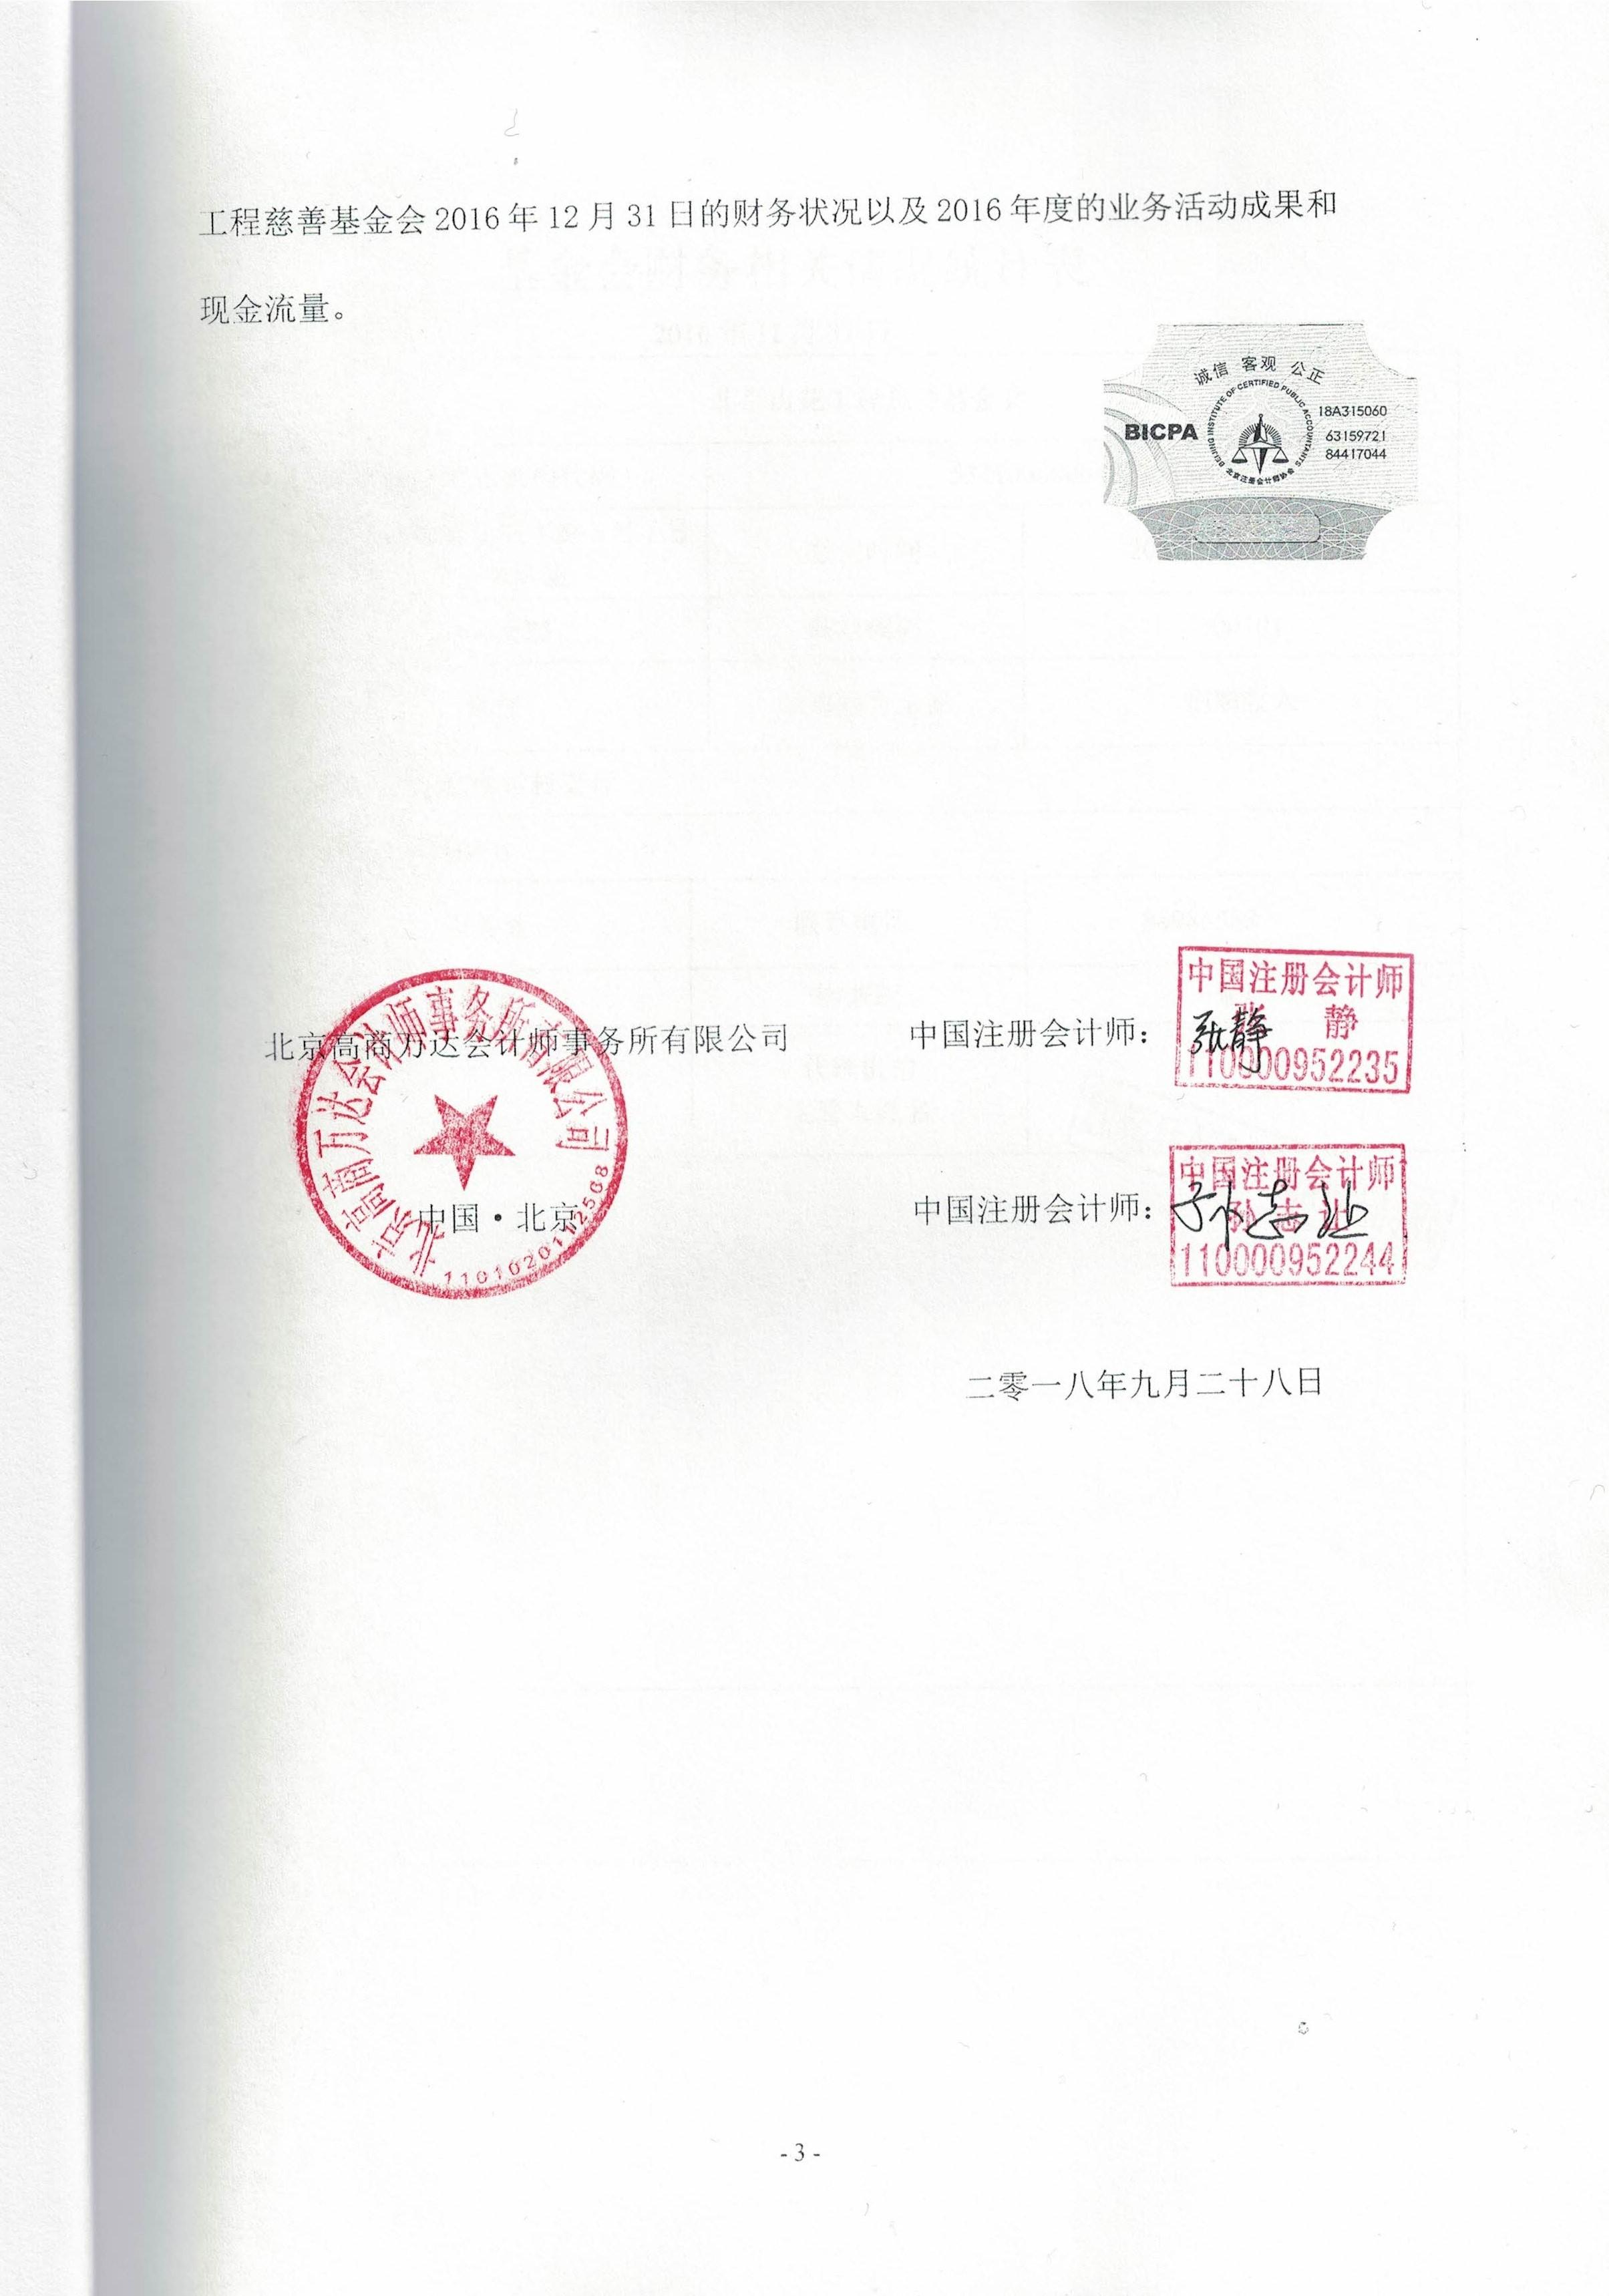 CCI20181116_0005